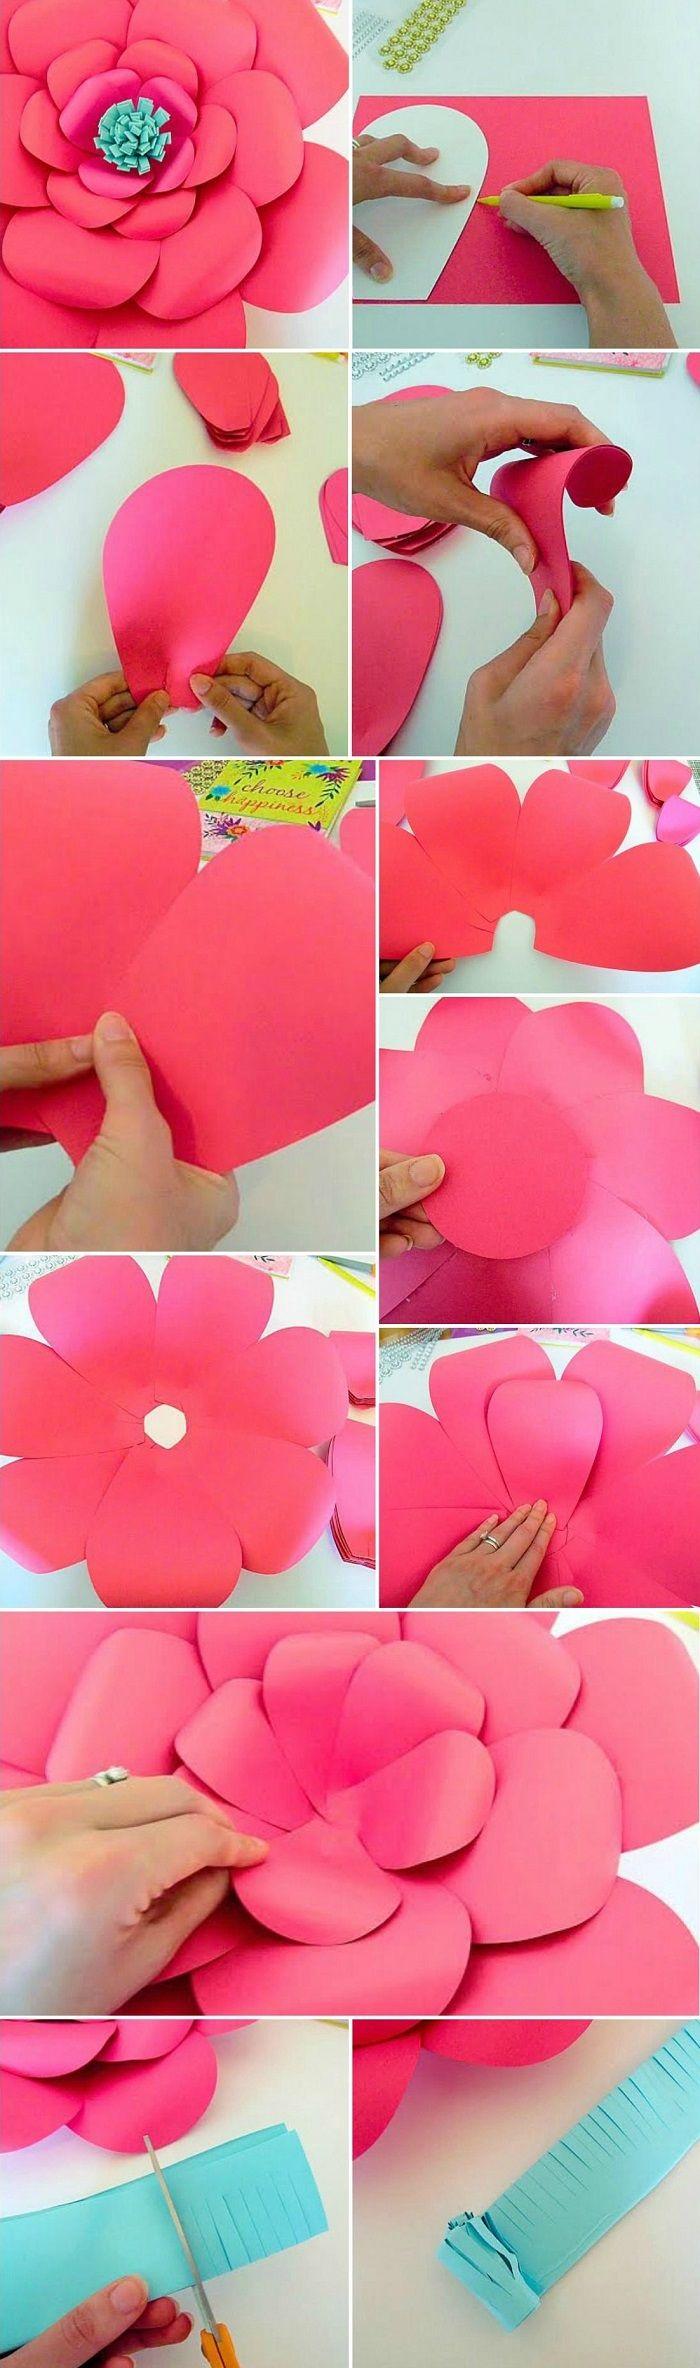 Объёмные цветы из бумаги своими руками на стену: популярные схемы и шаблоны